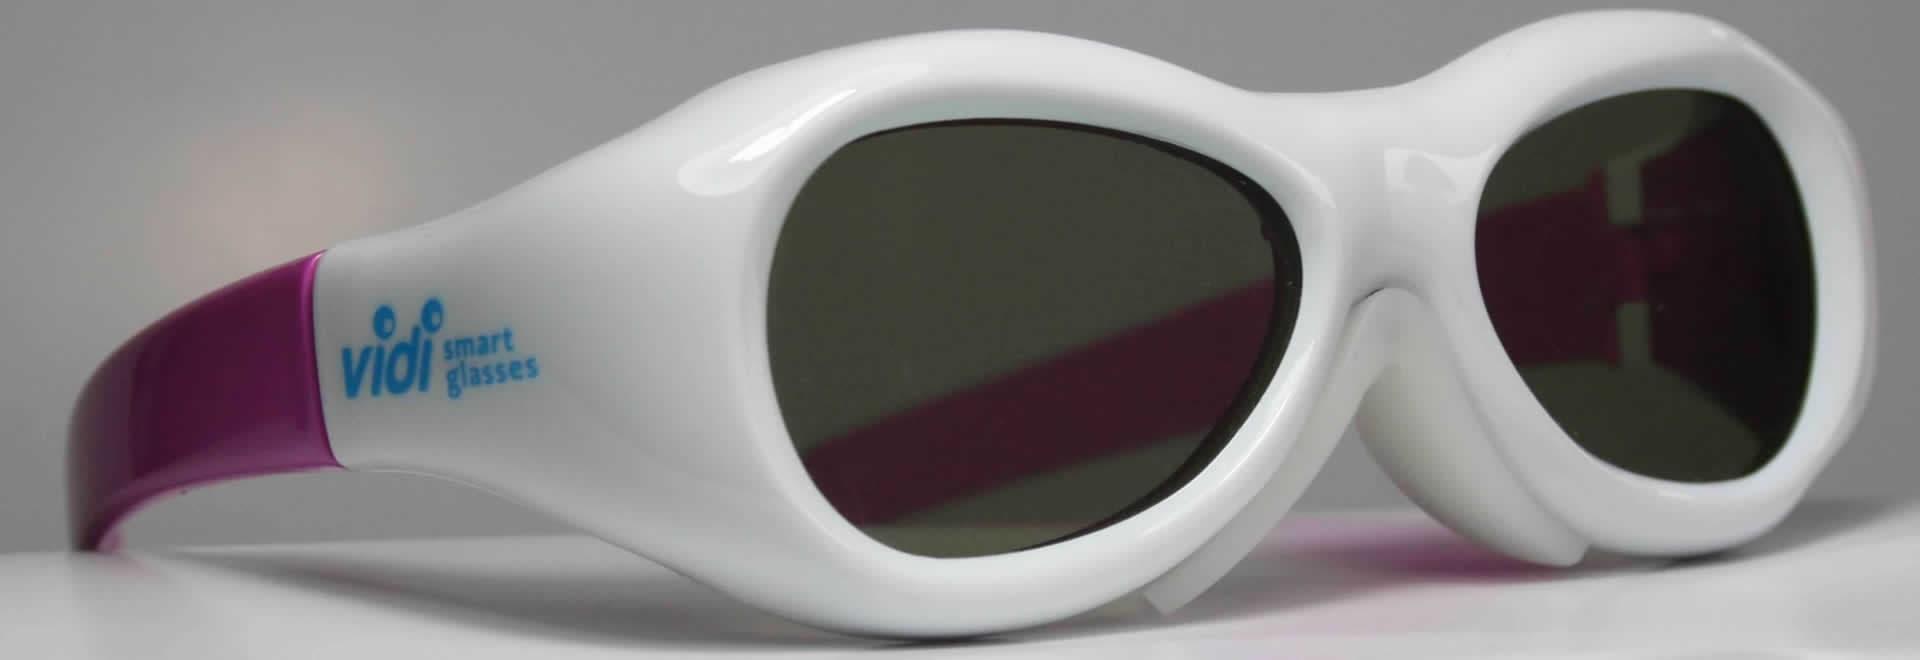 Vidi Akıllı Gözlük